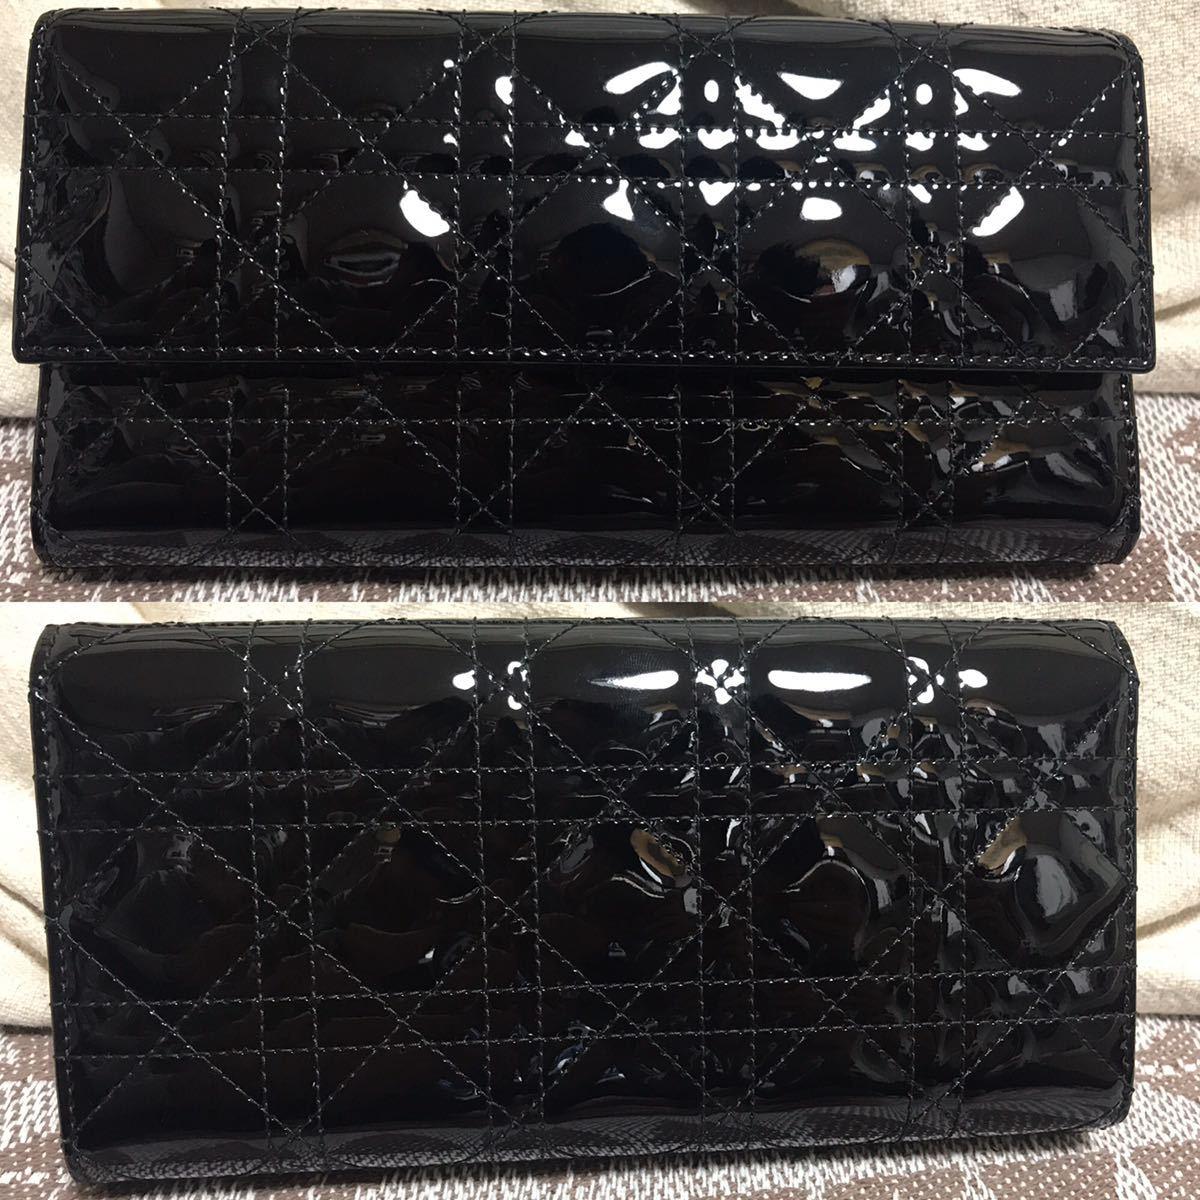 クリスチャンディオール 黒 ブラック 未使用品 チェーンウォレット パテント Christian Dior ゴールド 長財布 ショルダーバッグ_画像2